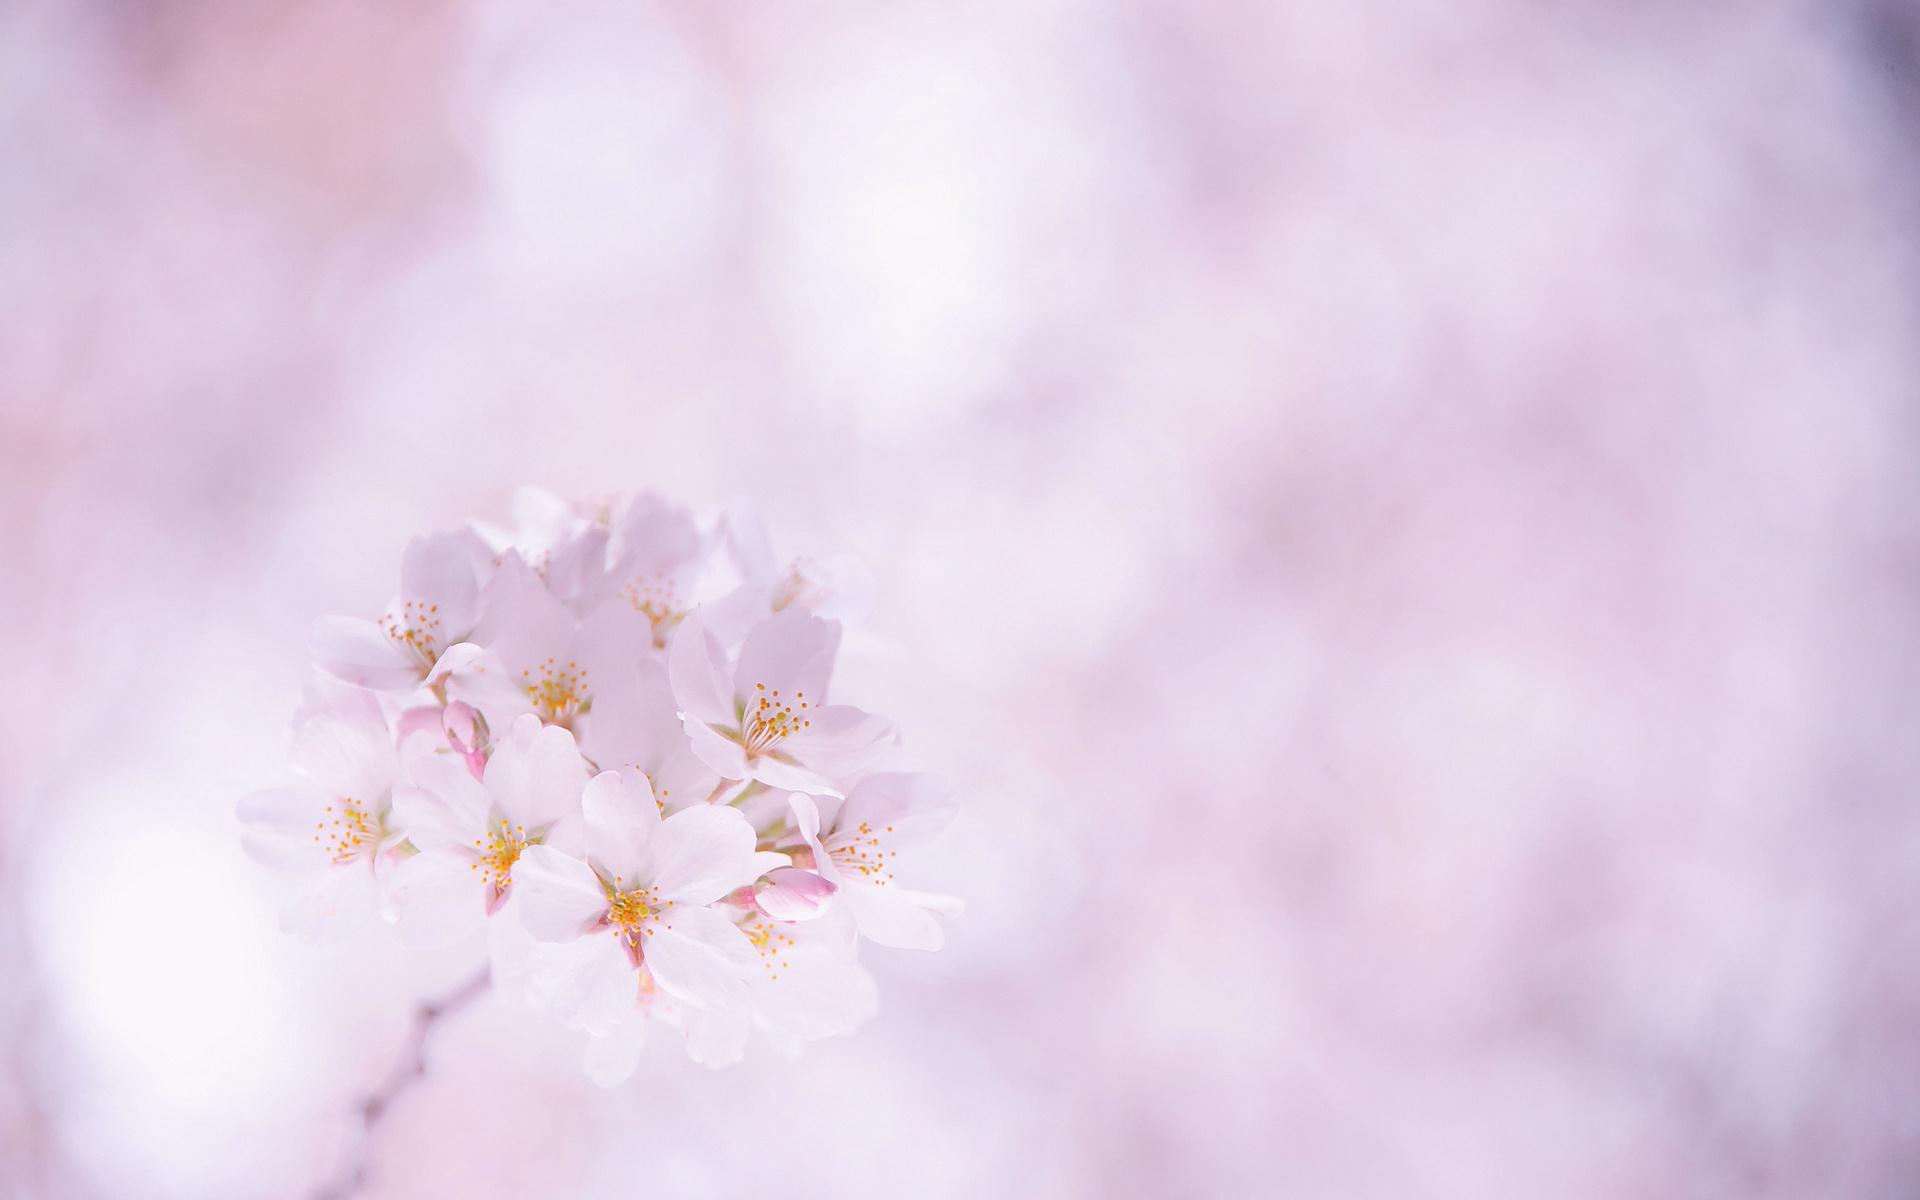 Опавшие лепестки цветения  № 3170430 загрузить